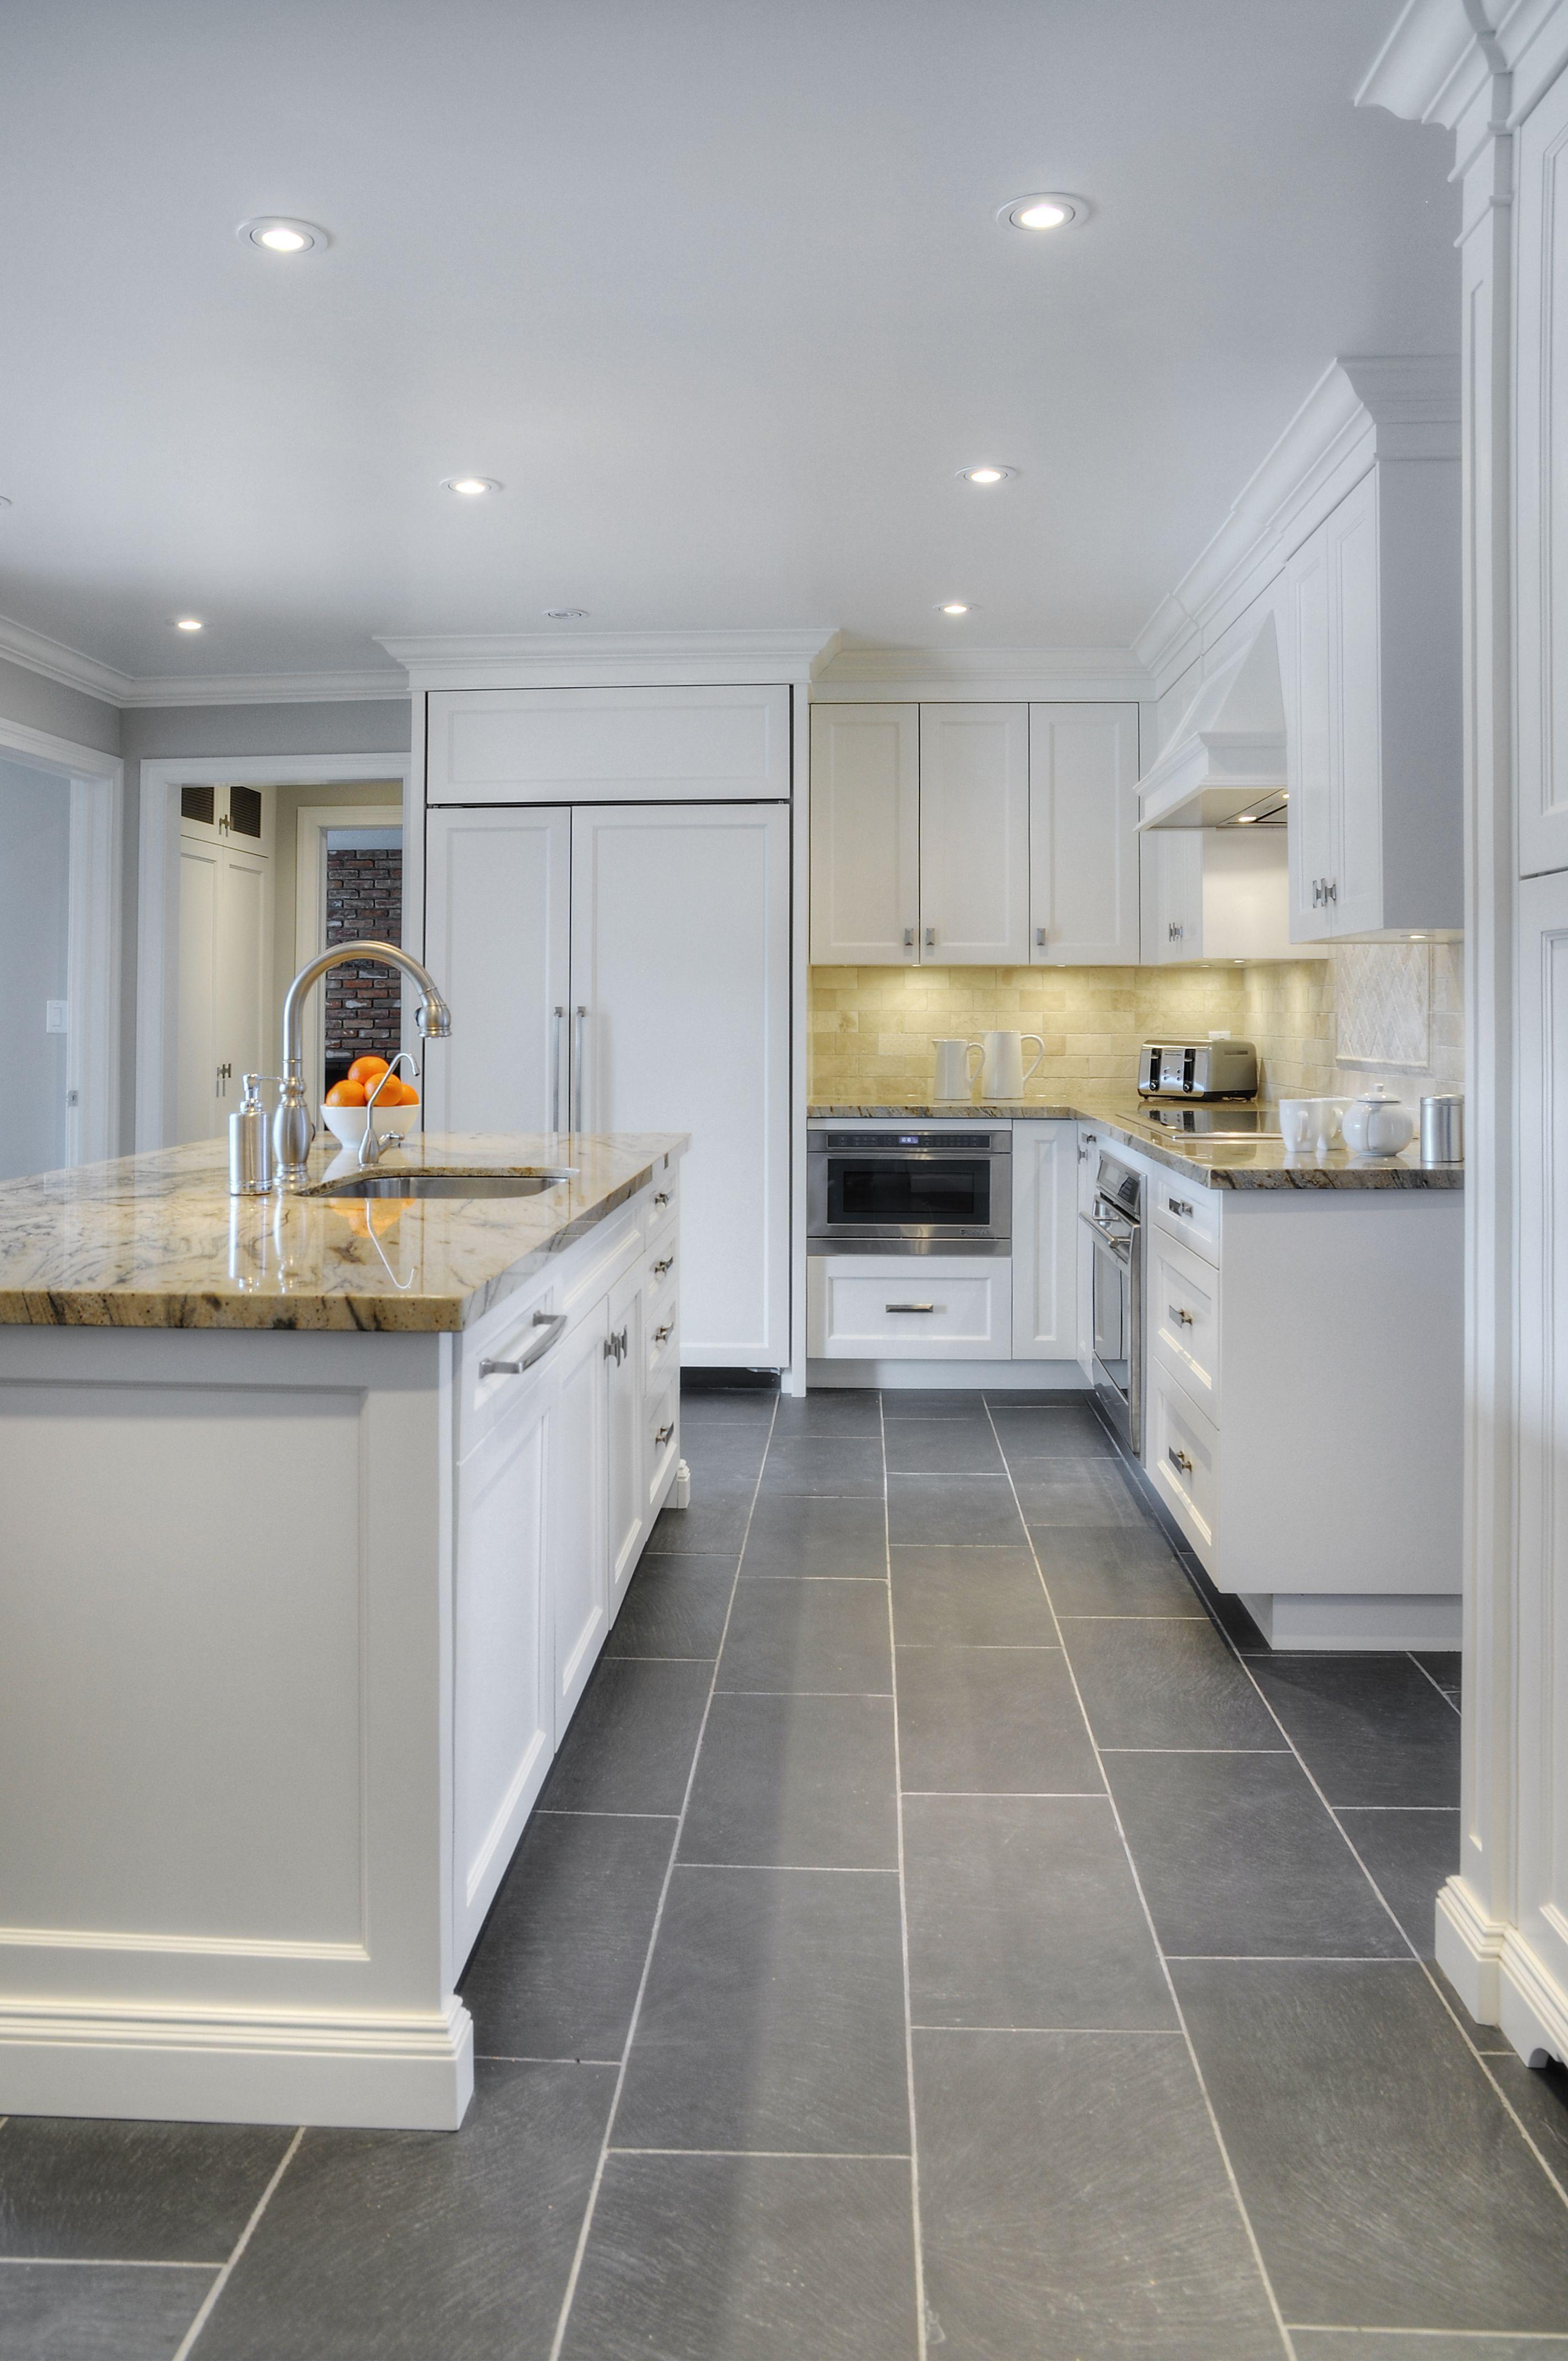 Download Wallpaper White Grey Kitchen Wall Tiles